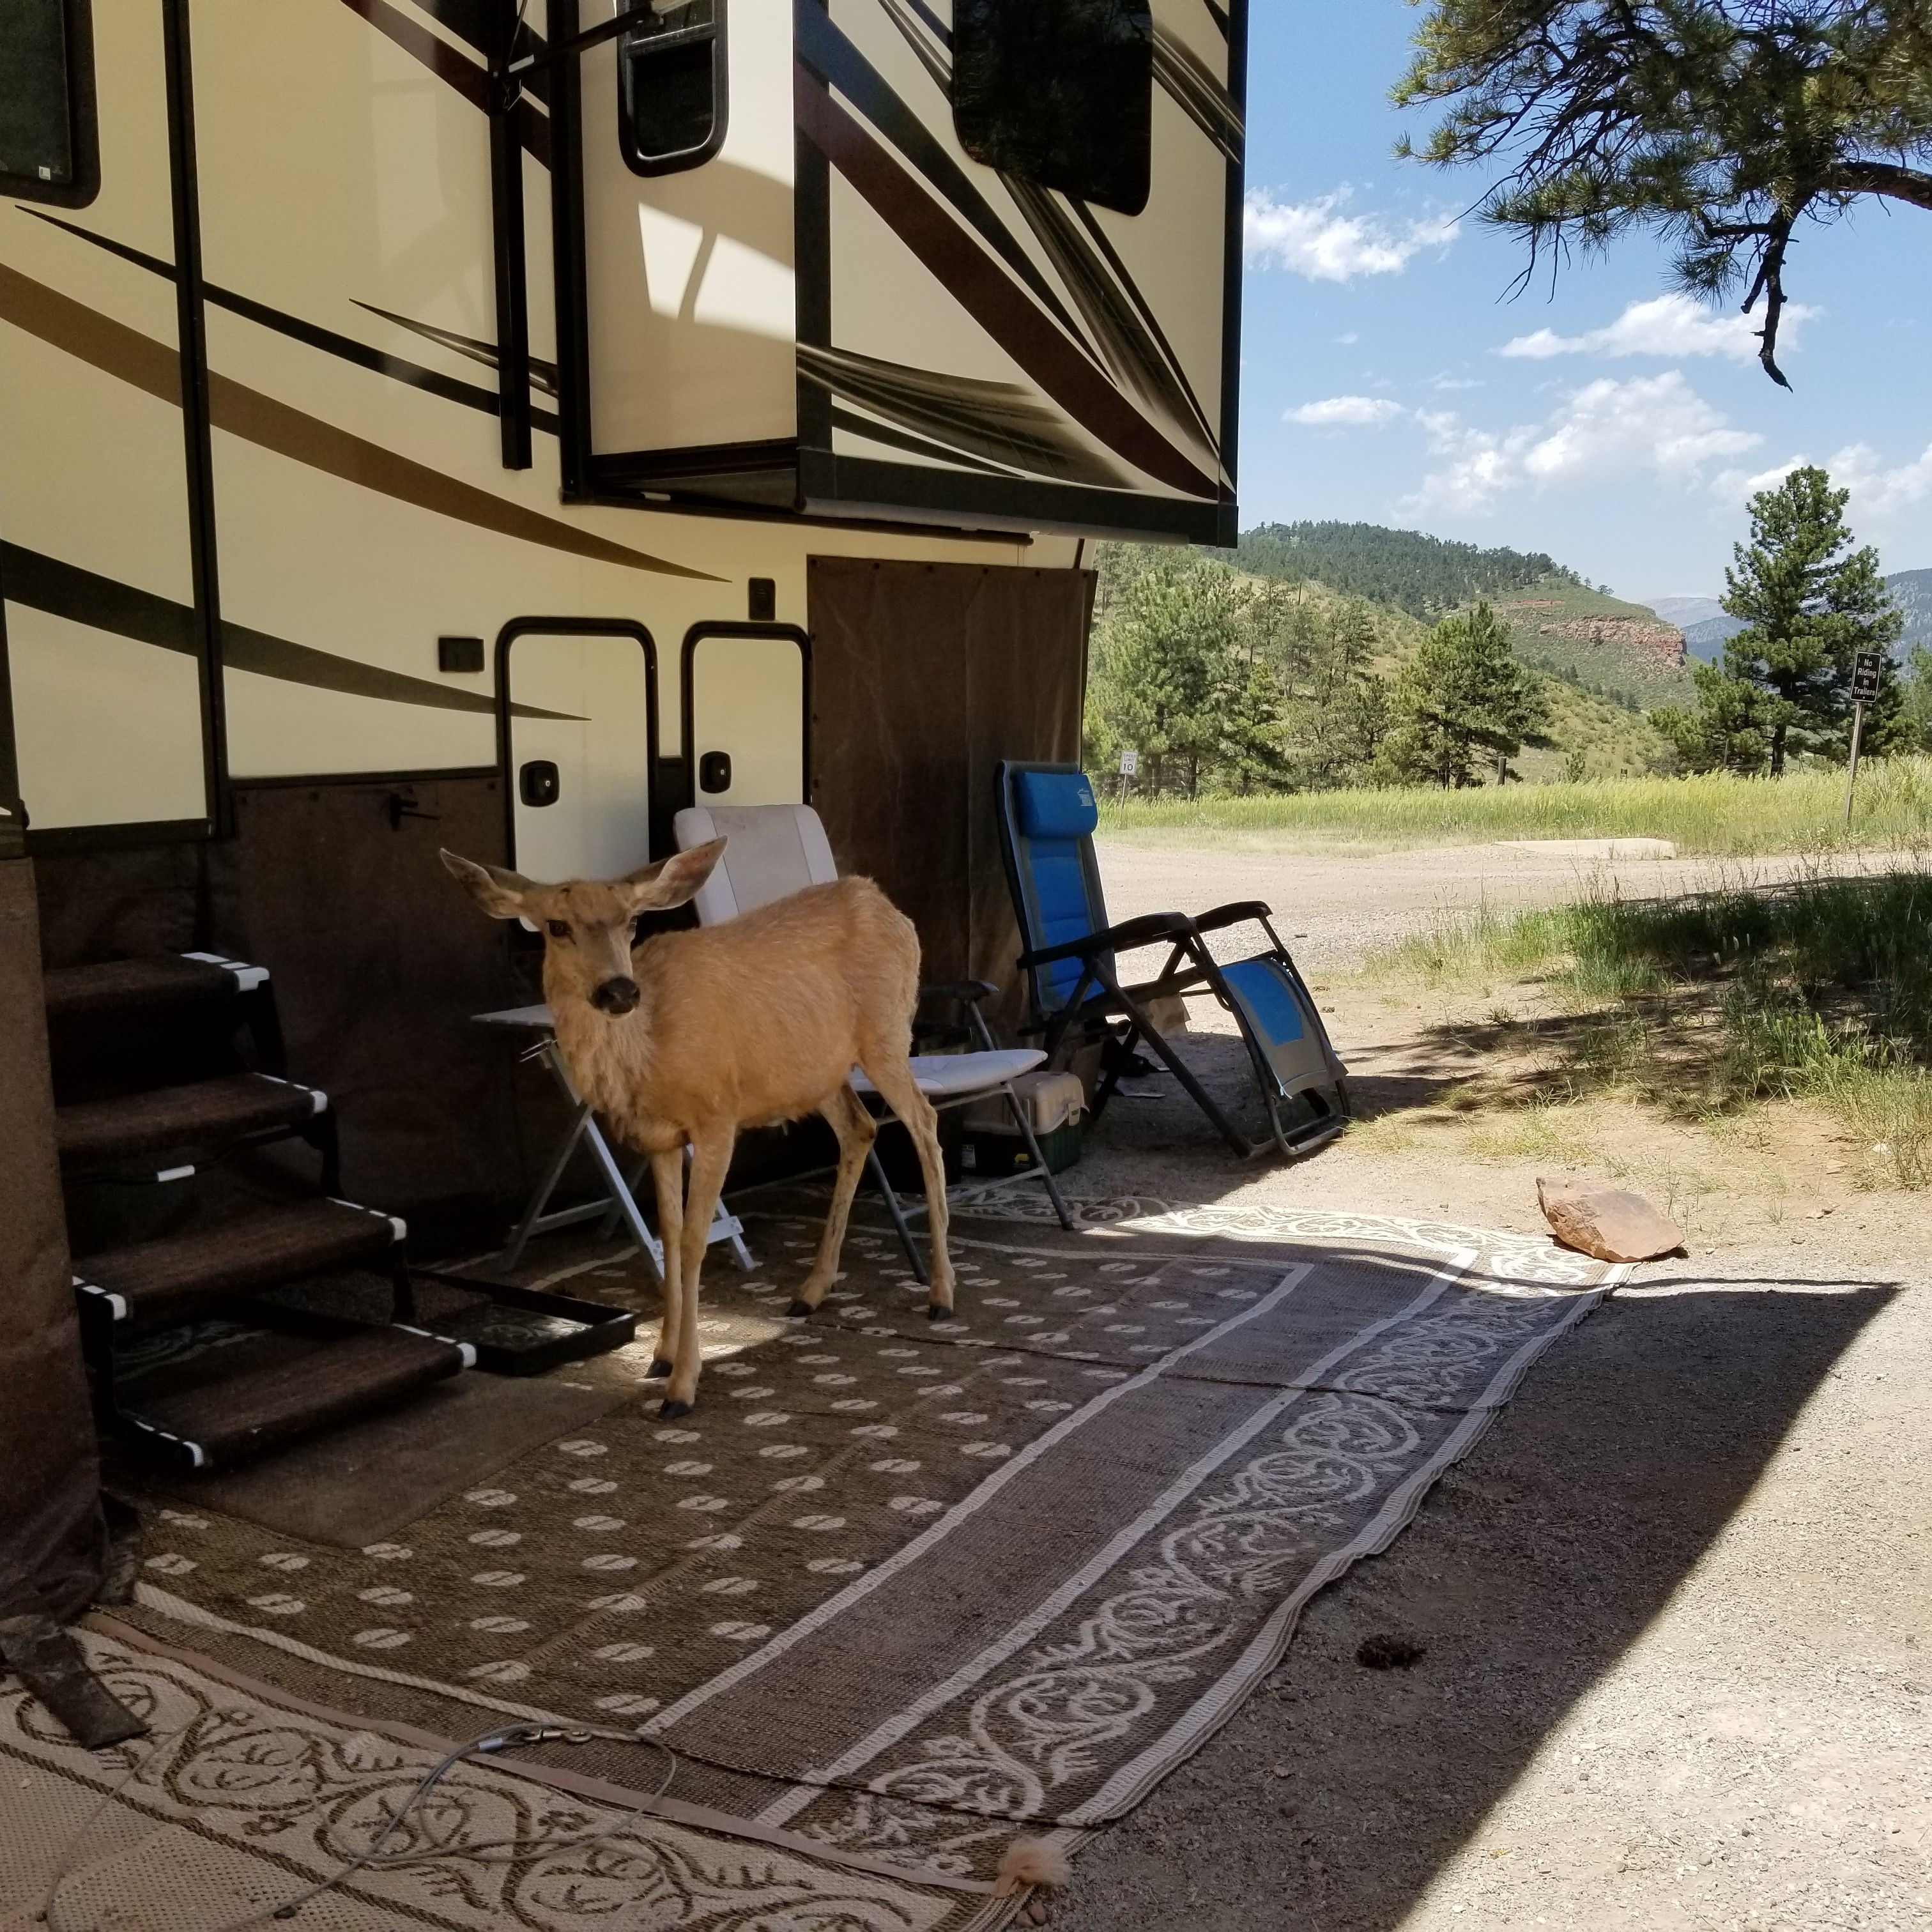 Enlace de solicitud de anfitrión de campamento voluntario